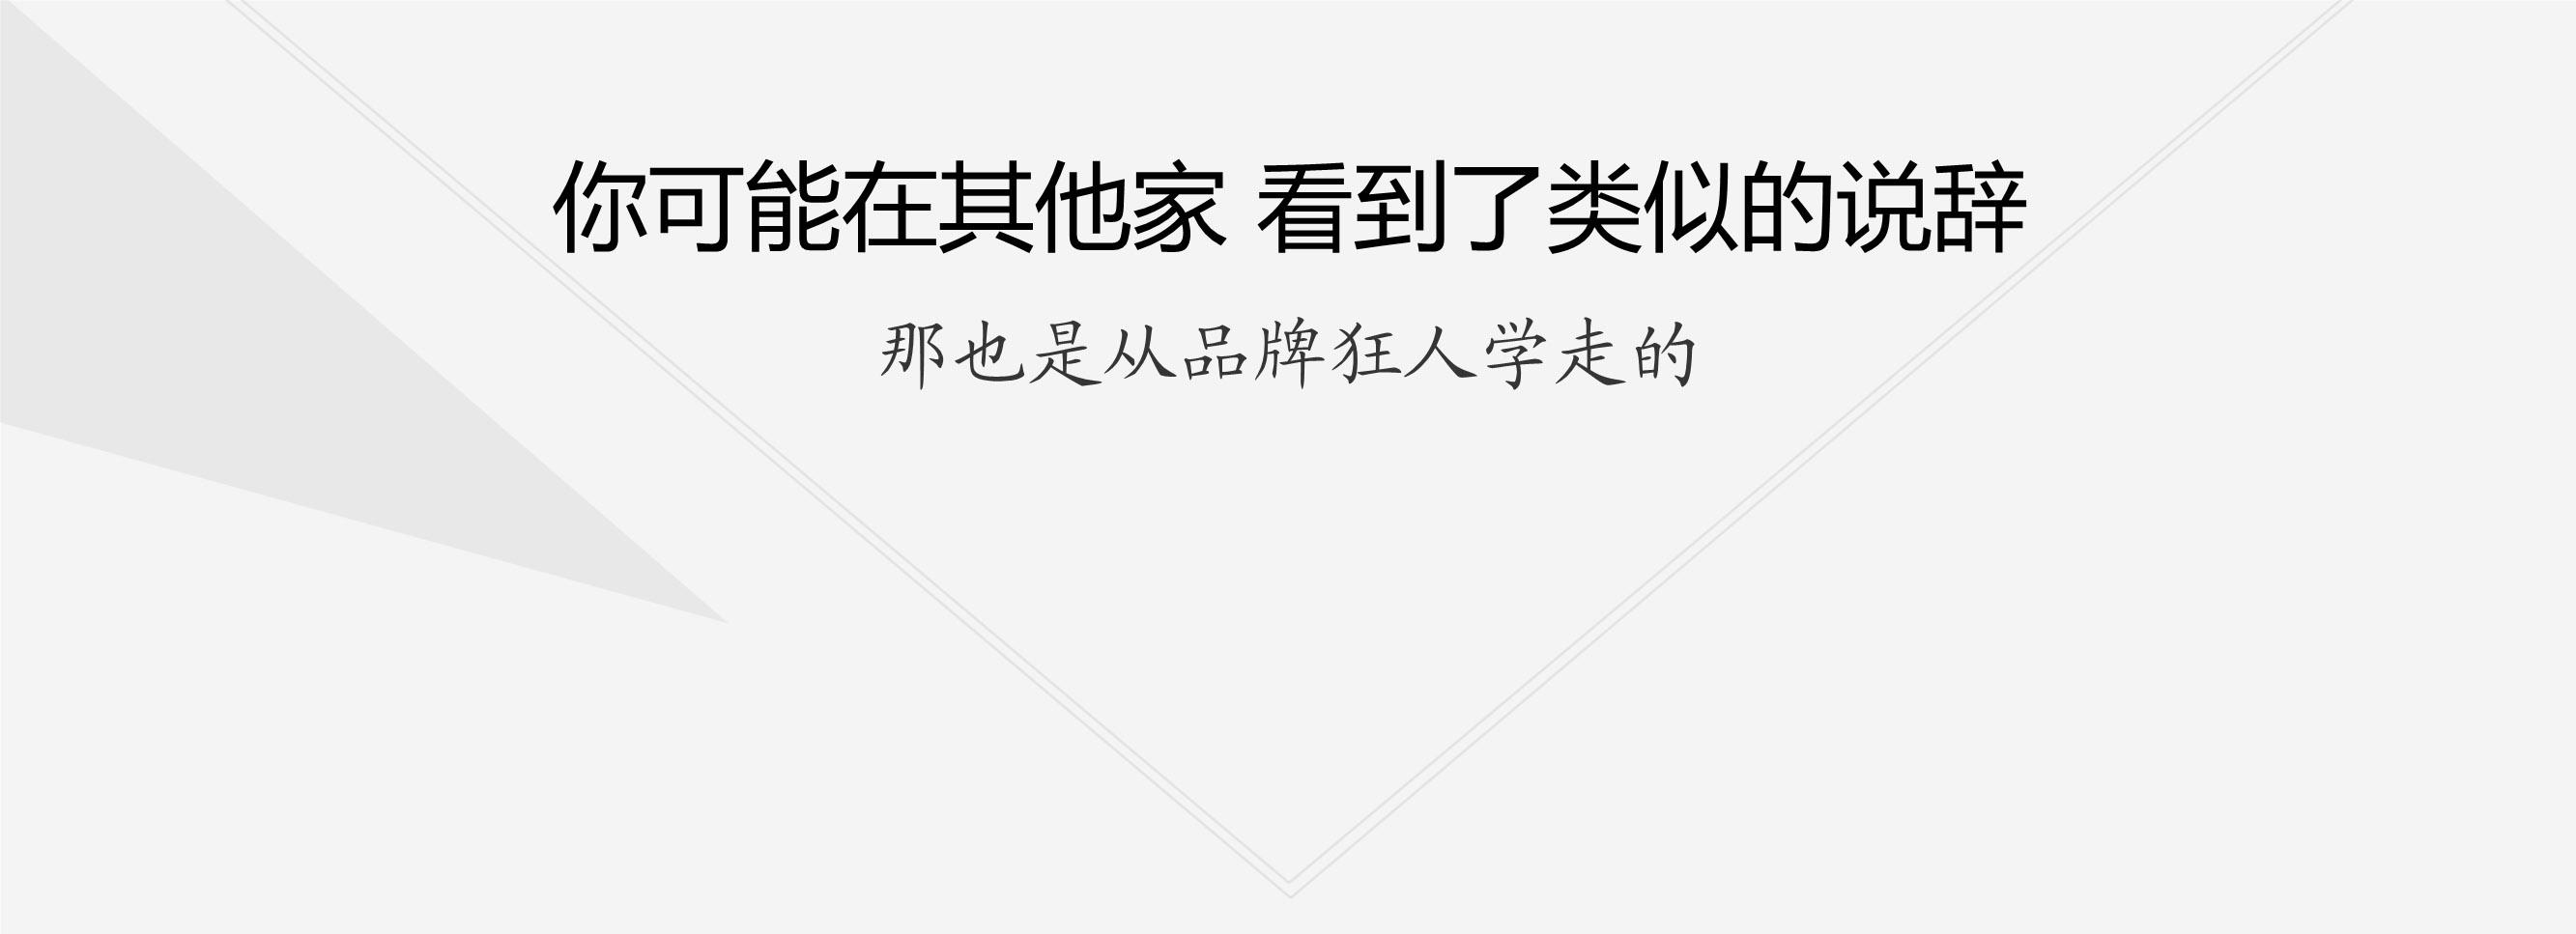 _品牌狂人 专业产品牌全案策划机构 定制定位企业形象宣传包装3